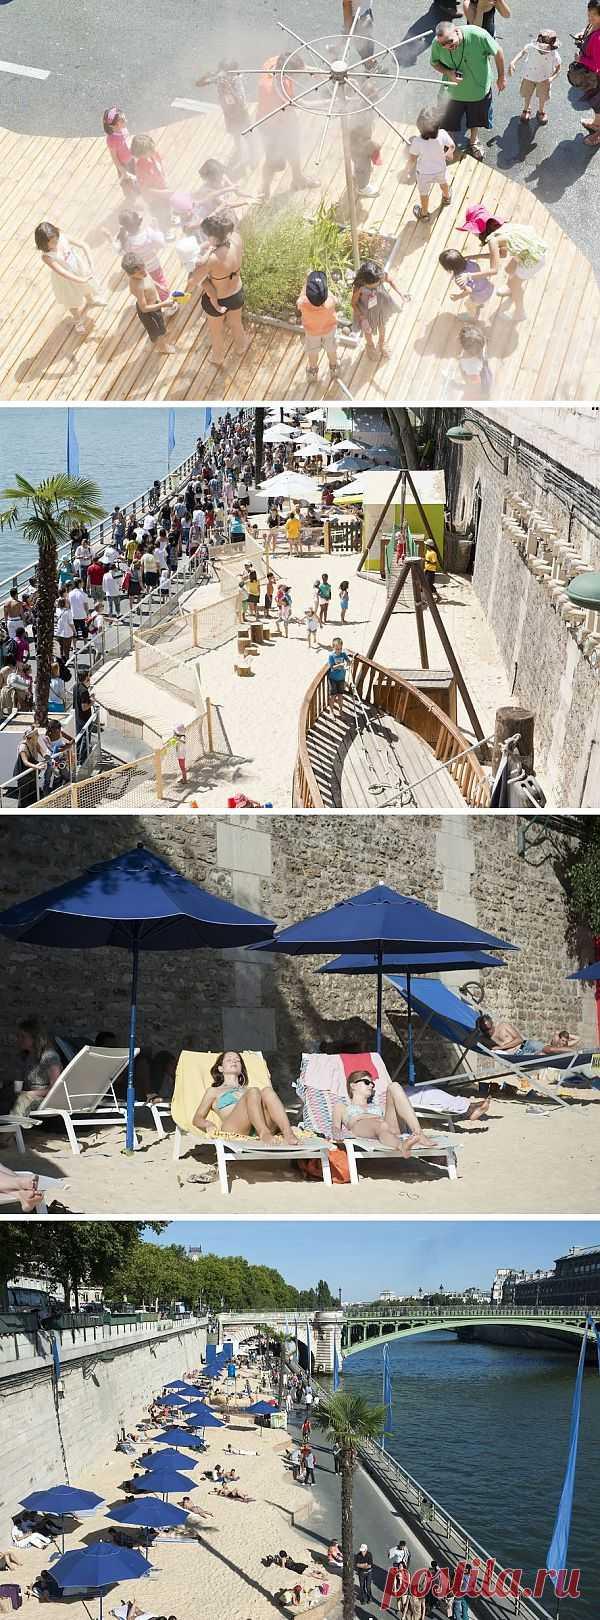 Городские пляжи Парижа. В 2002 году набережную Сены засыпали песком. Самый первый пляж протянулся от Лувра до моста Сюлли, всего на 3 км. С тех пор городские пляжи в Париже стали традицией. Появляются они во второй декаде июля ровно на 4 недели. Париж, Франция